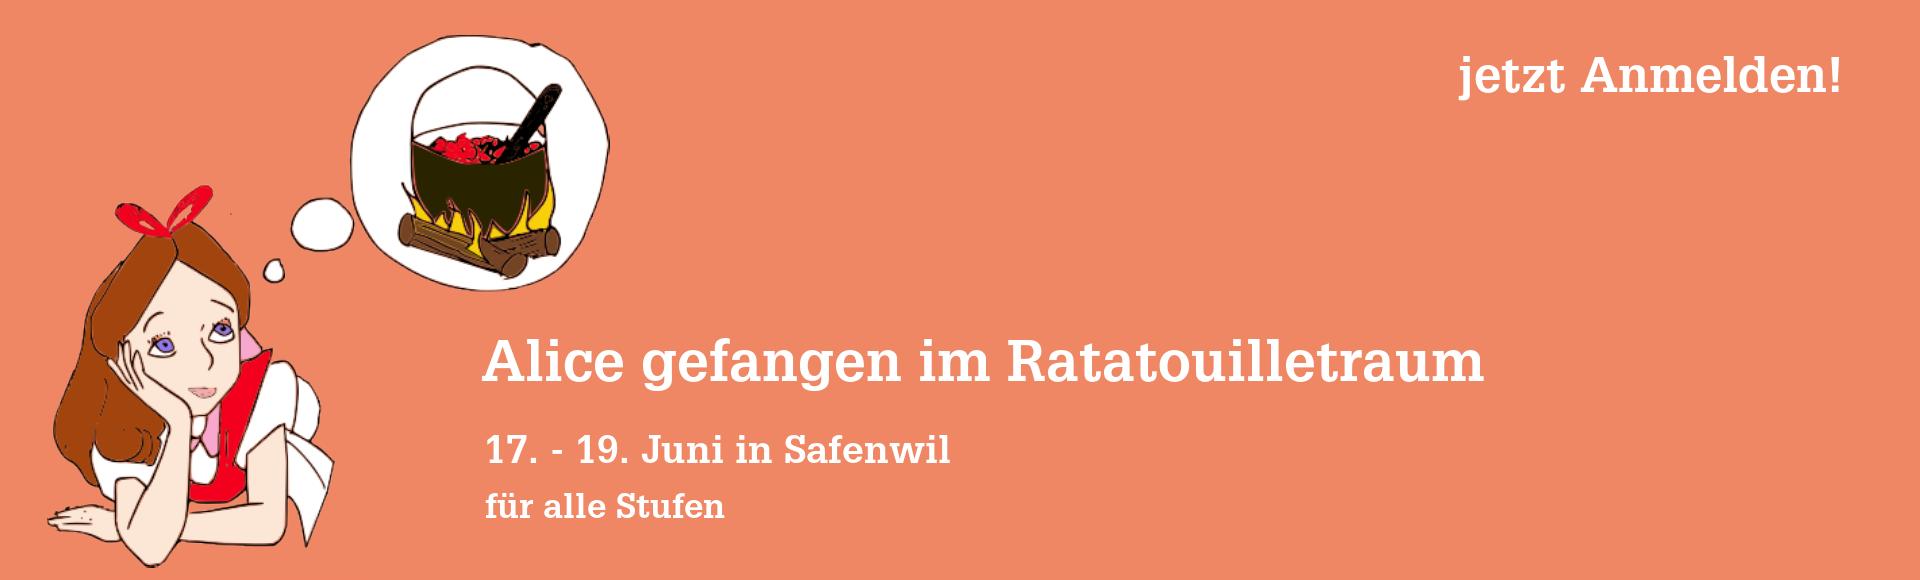 Ratatouille 2016